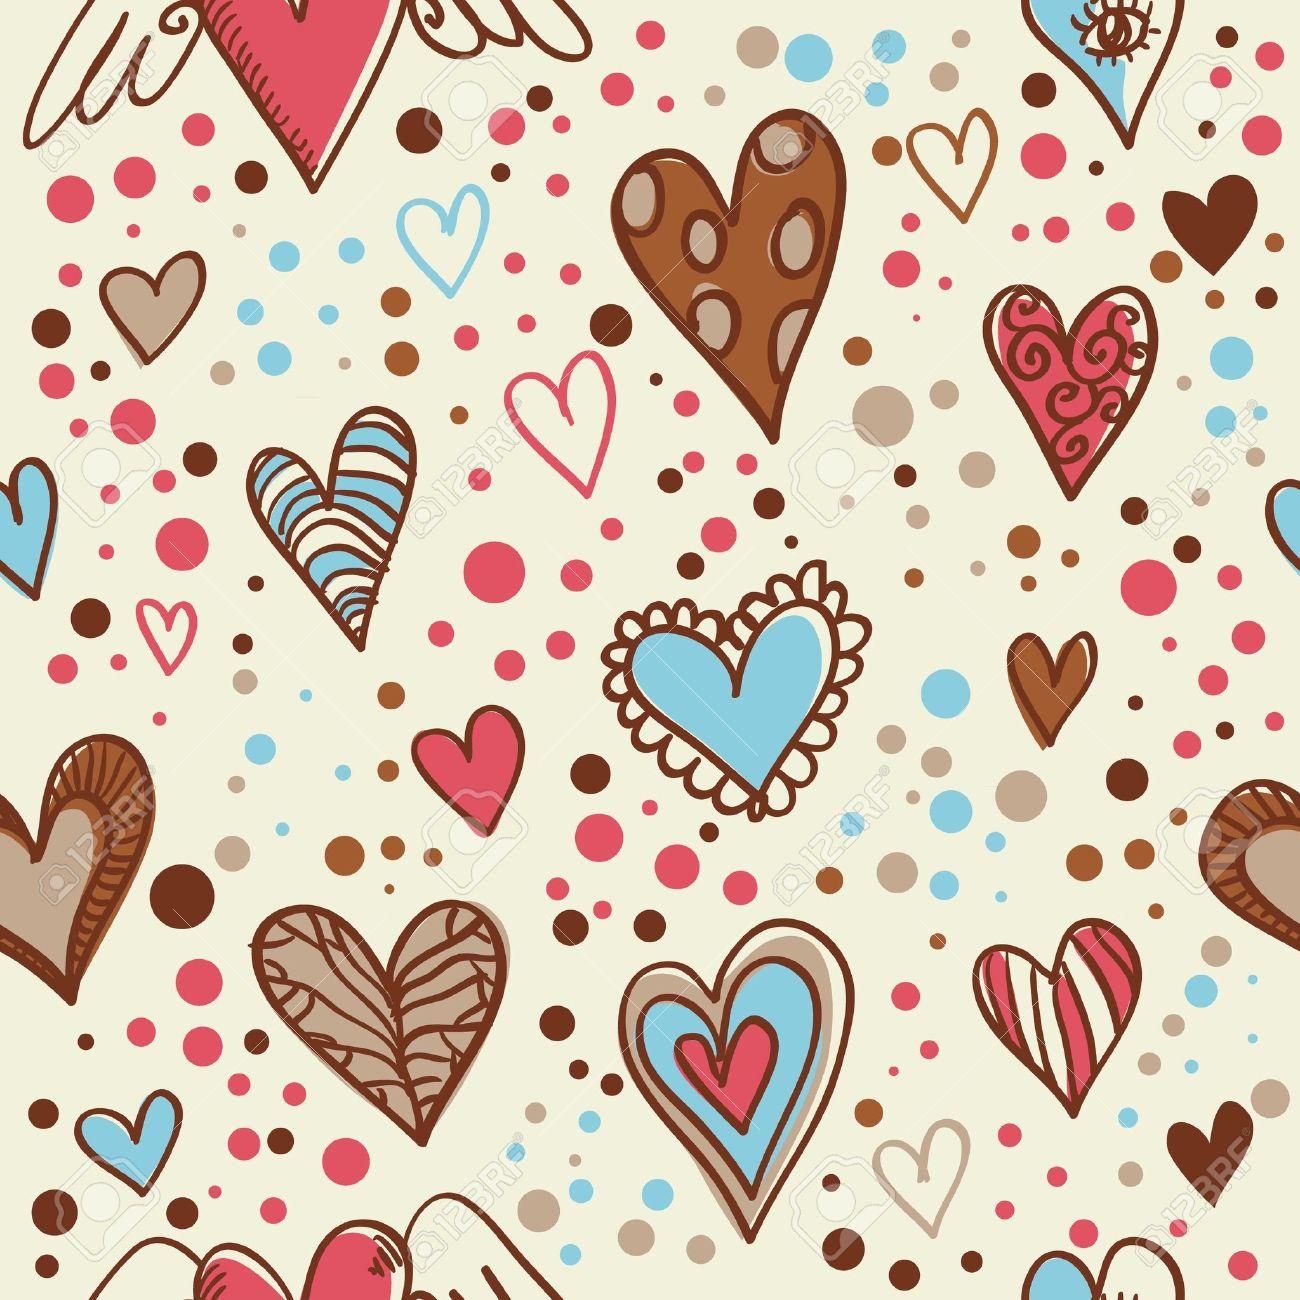 かわいい落書きシームレスな壁紙の手で描かれたバレンタイン ハートの